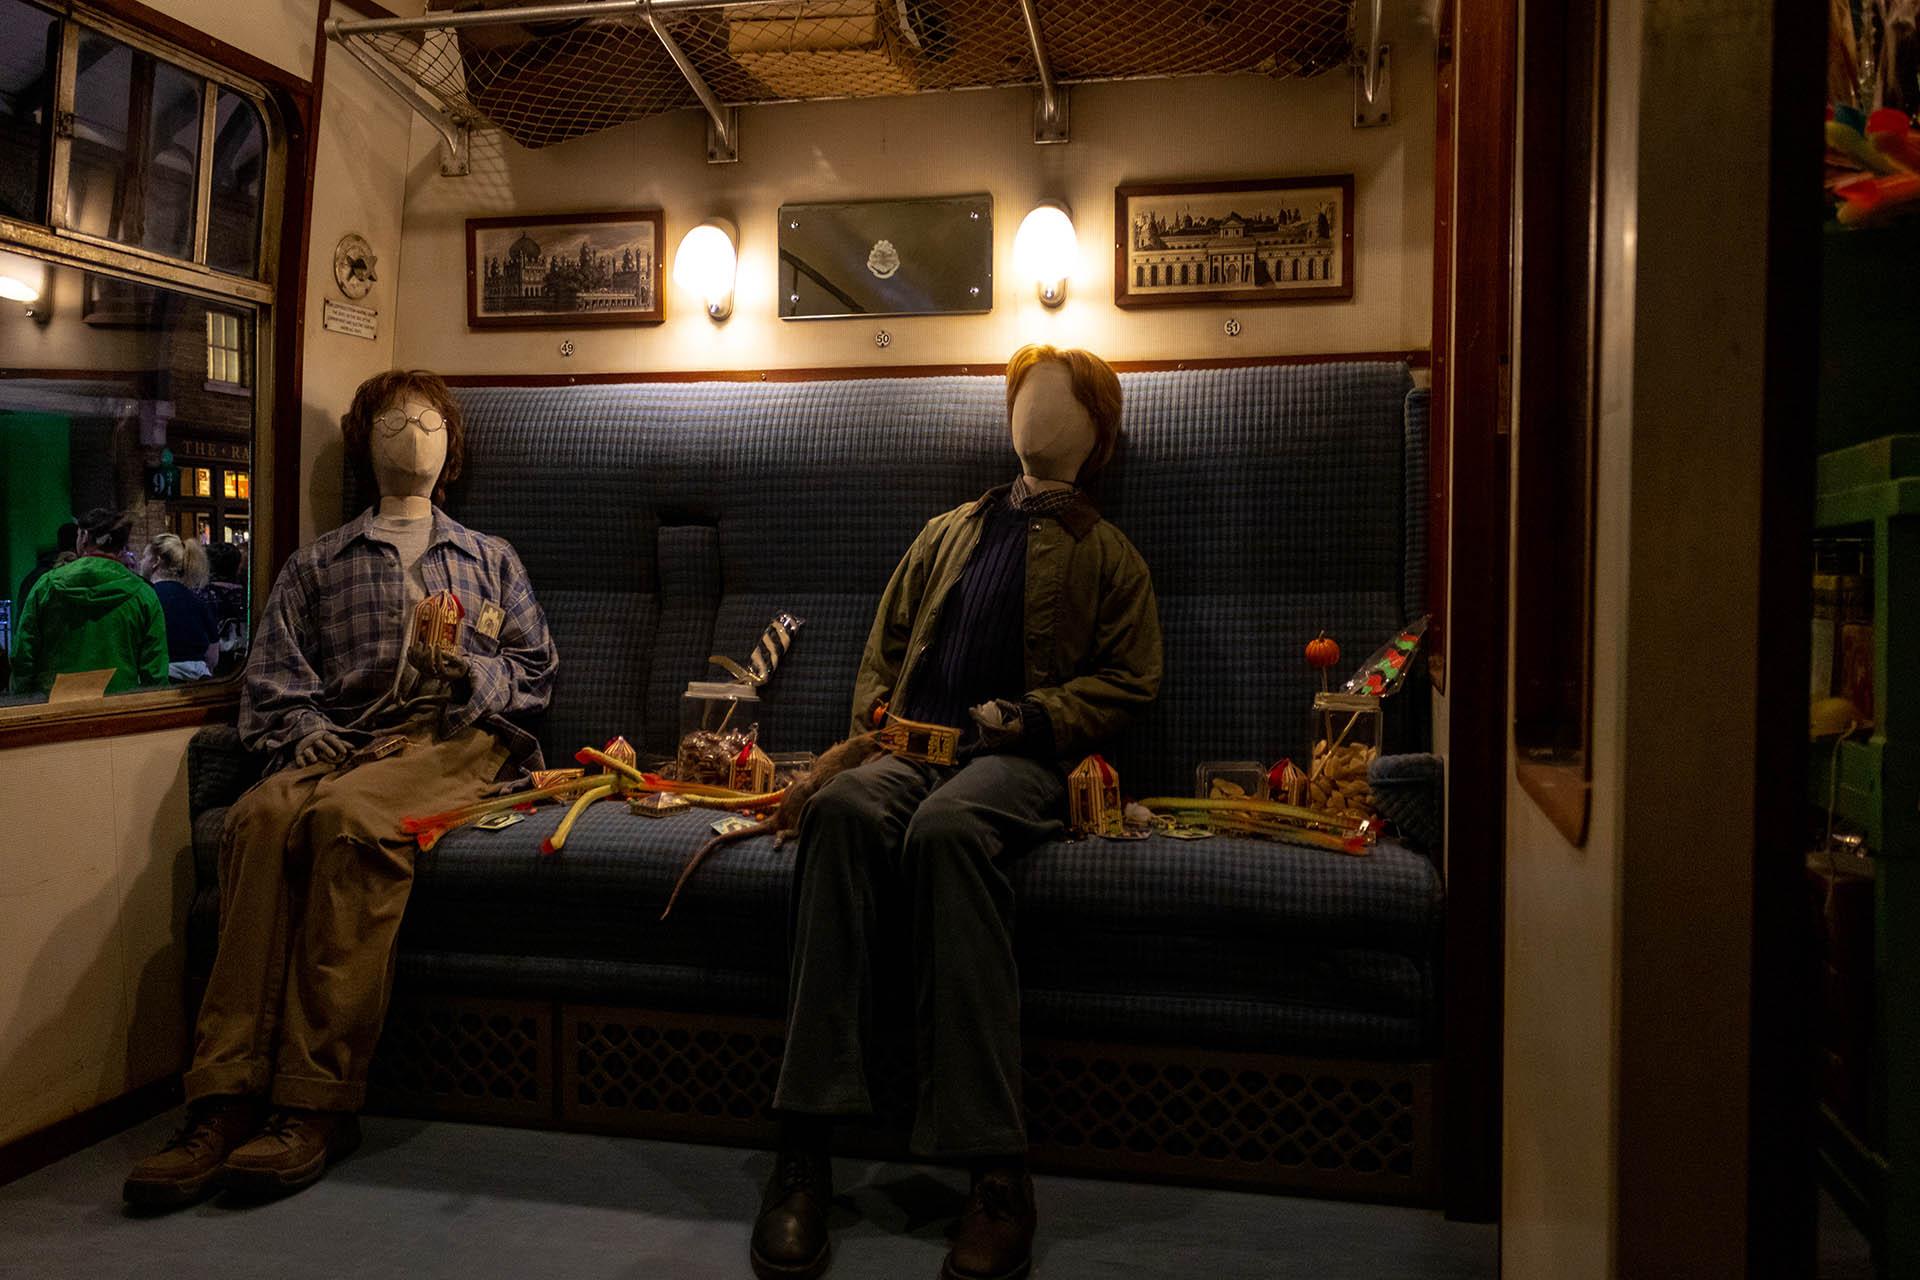 Ron en Harry in de coupé van de Hogwarts Express met al het snoep